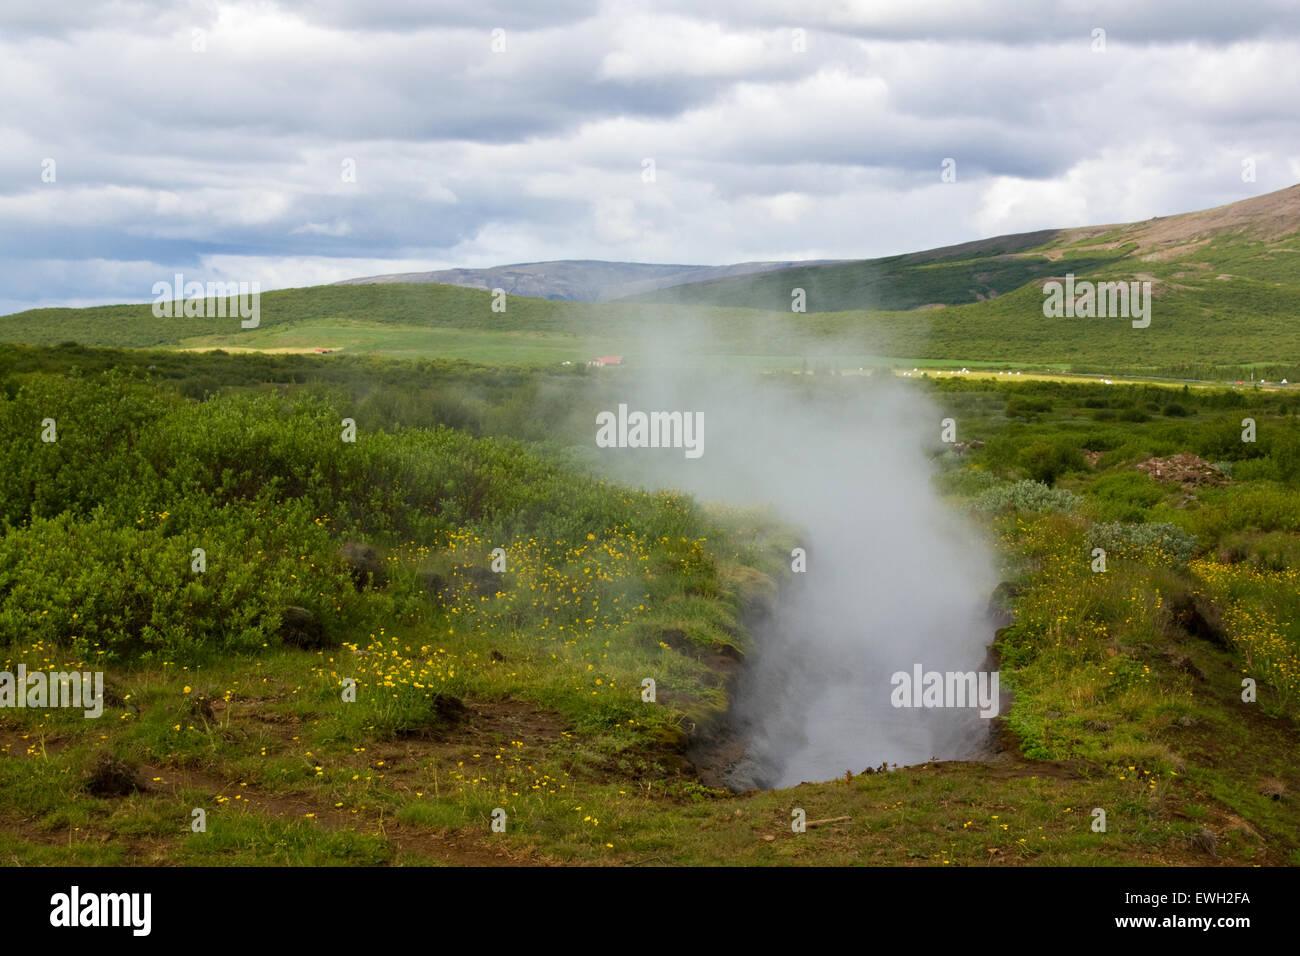 Hot Spring dans le sud-ouest de l'Islande Photo Stock